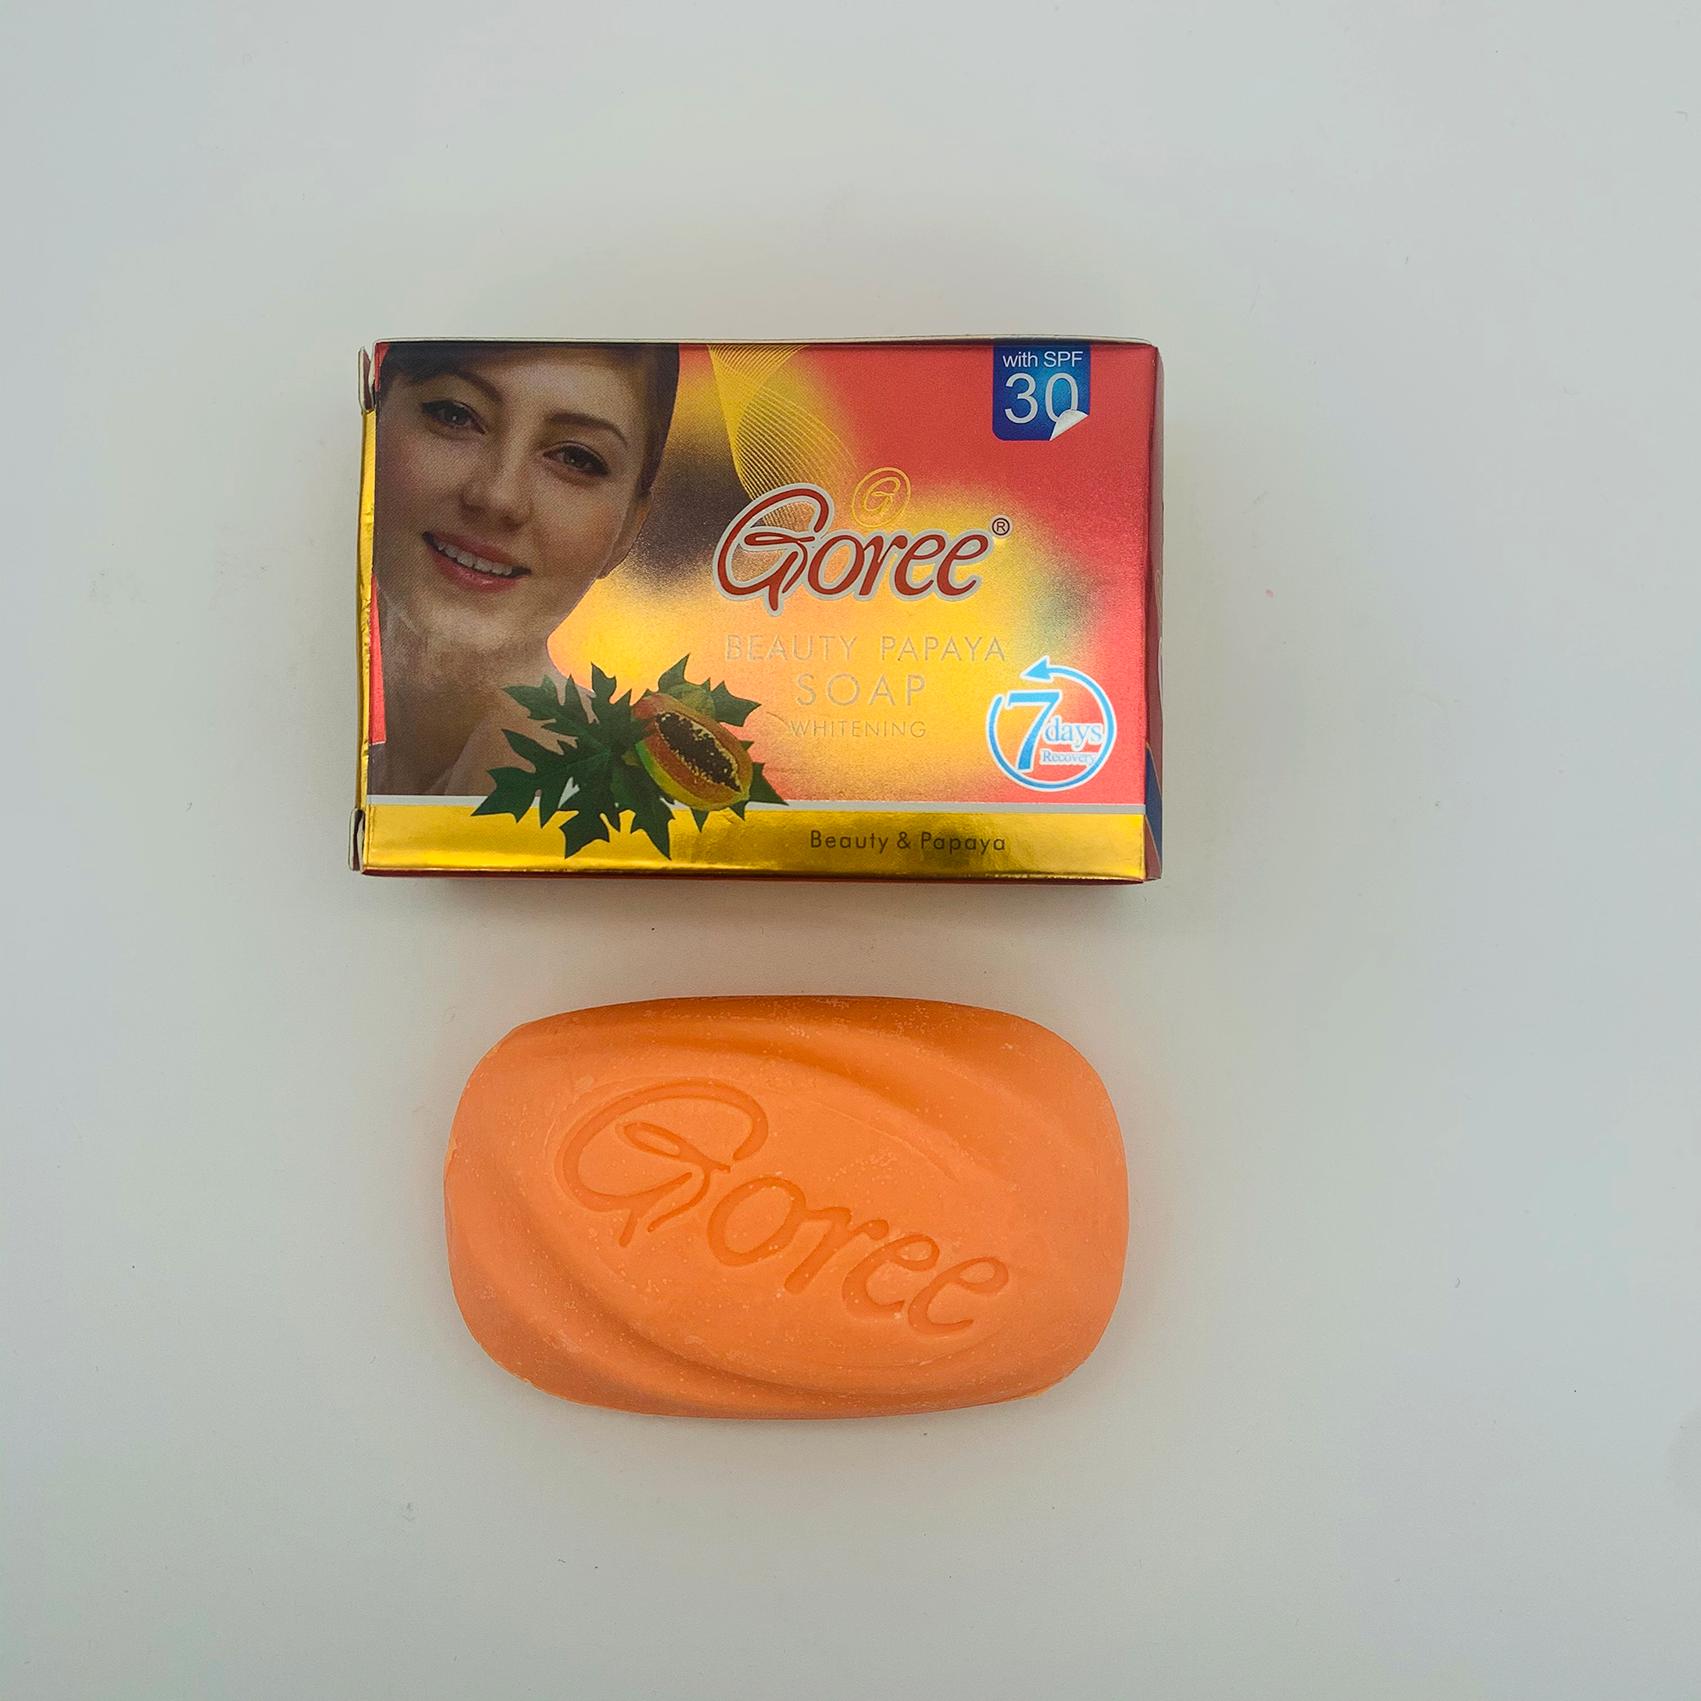 natural bath moisturizing skin moisturizing papaya beauty whitening groee soap